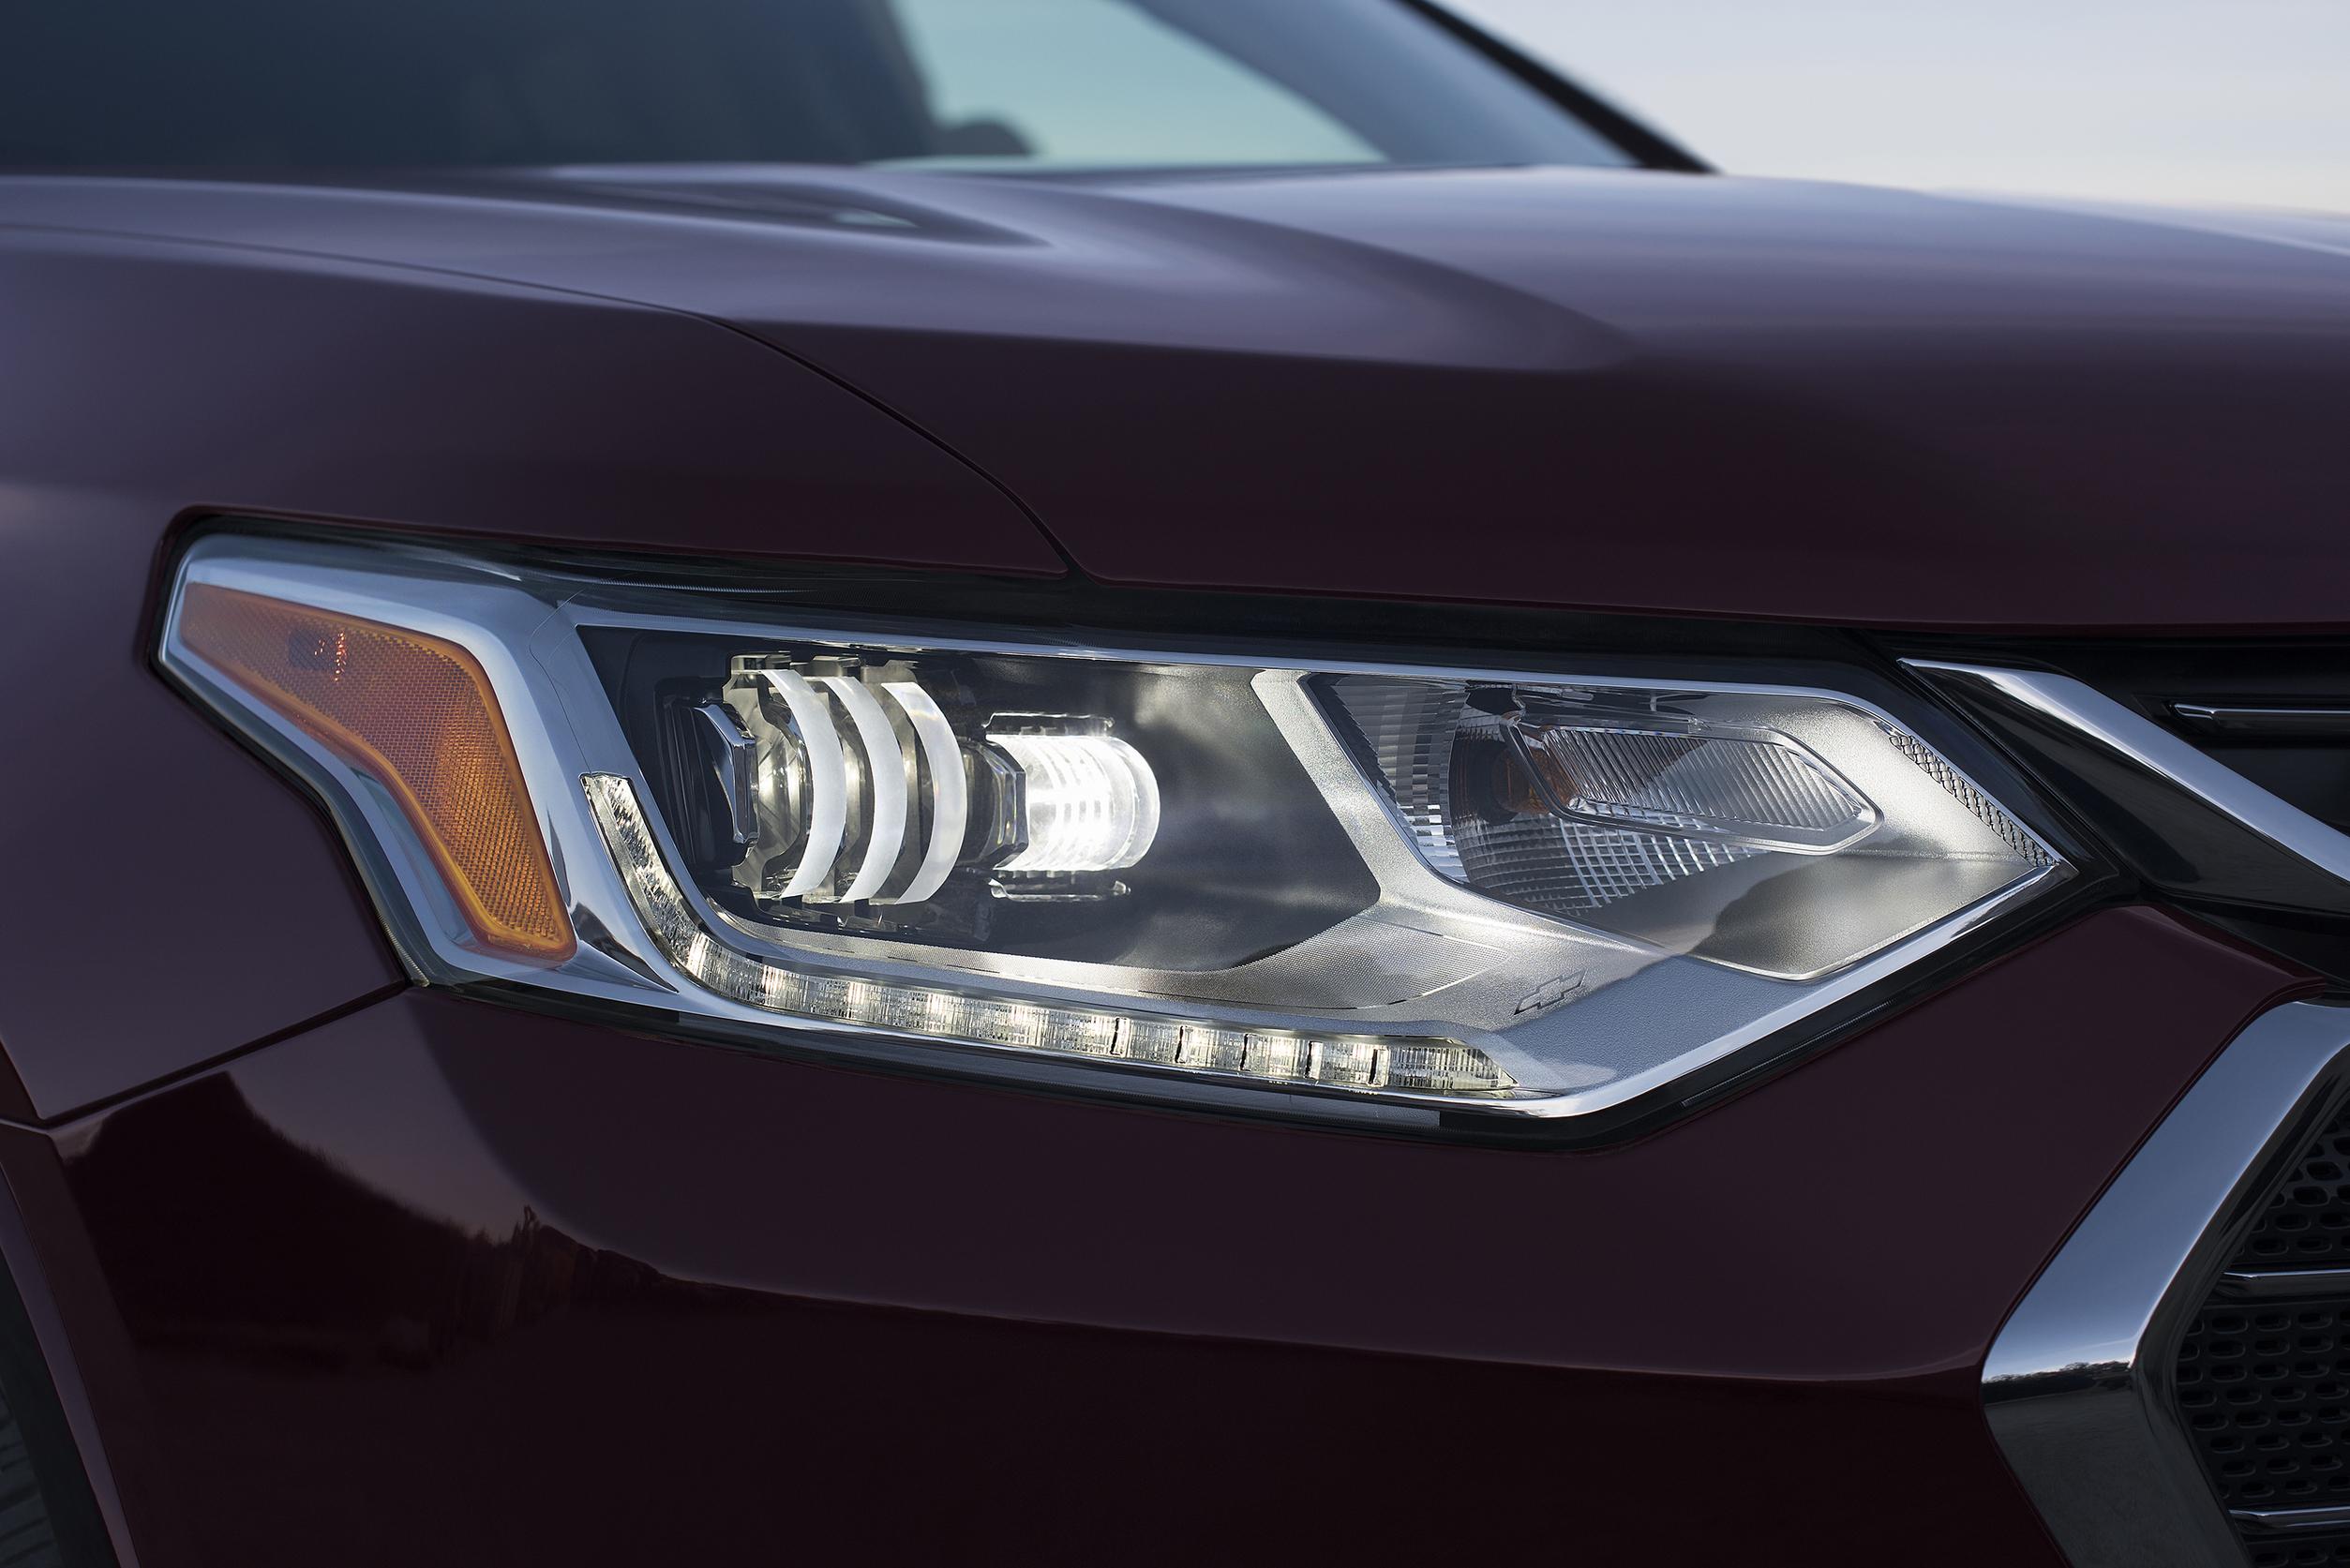 Magna präsentiert neue LED-Scheinwerfer-Generation